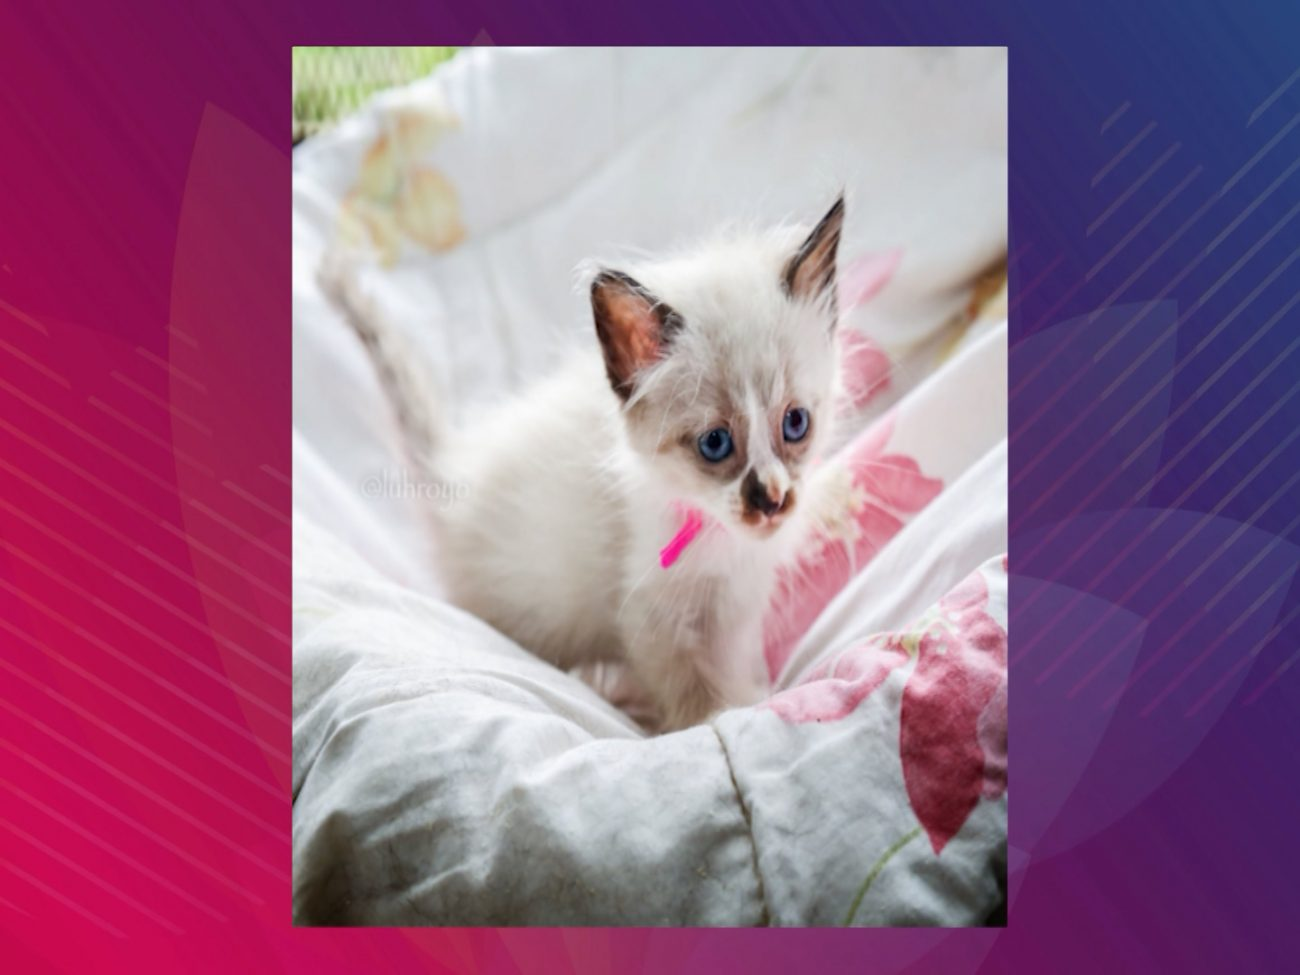 Cerca de 70 animais estarão disponíveis para adoção no sábado, em Navegantes - DABA/Divulgação